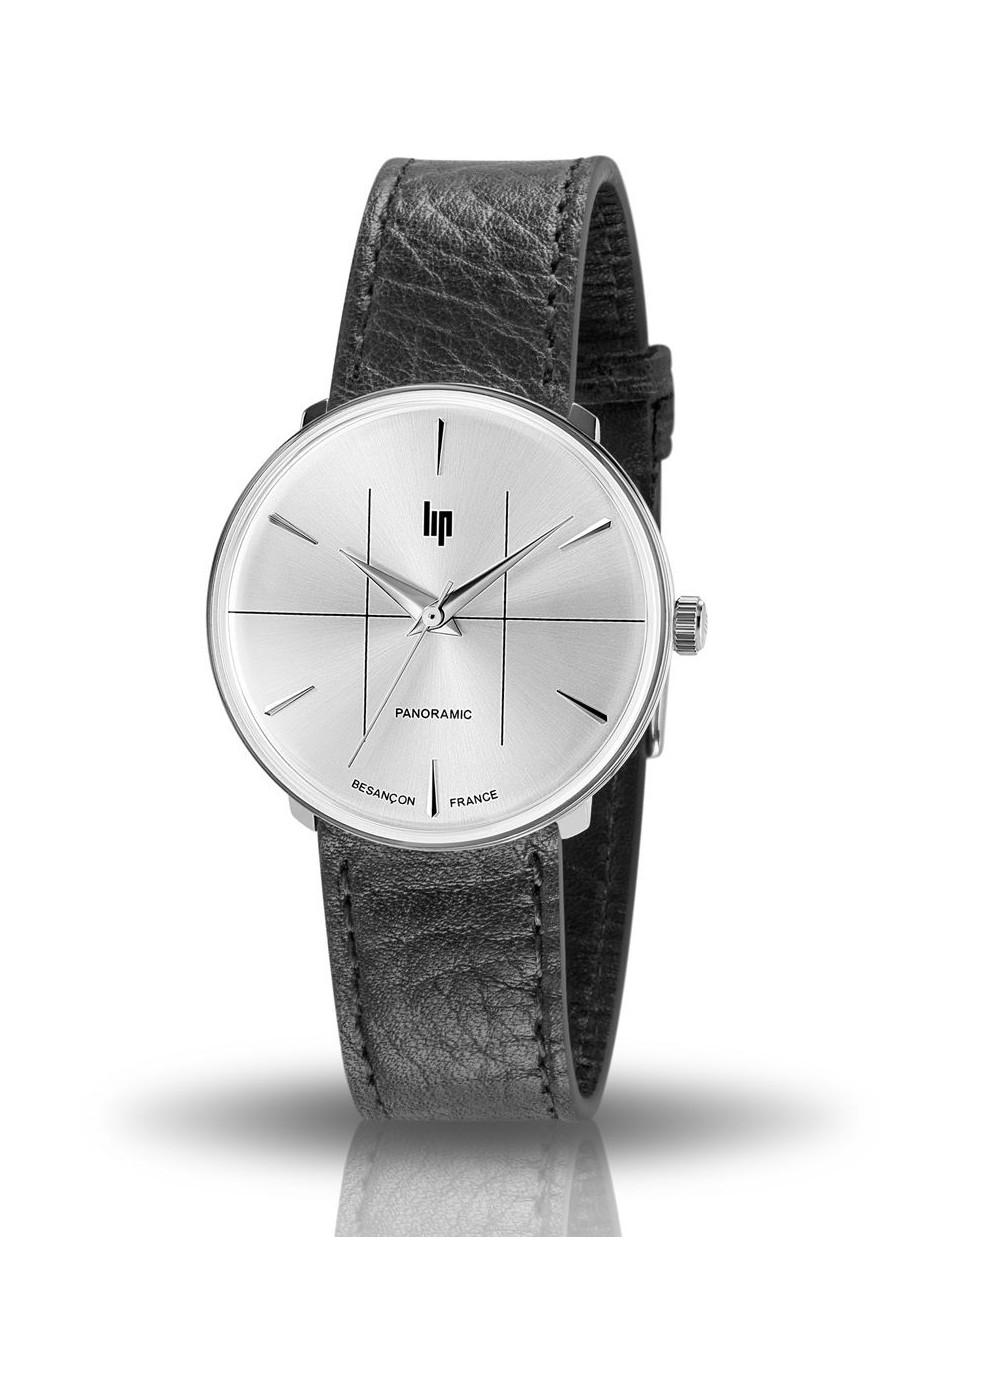 montre Lip, Panoramic, 671061, boitier rond acier gris, cadran gris, bracelet cuir noir